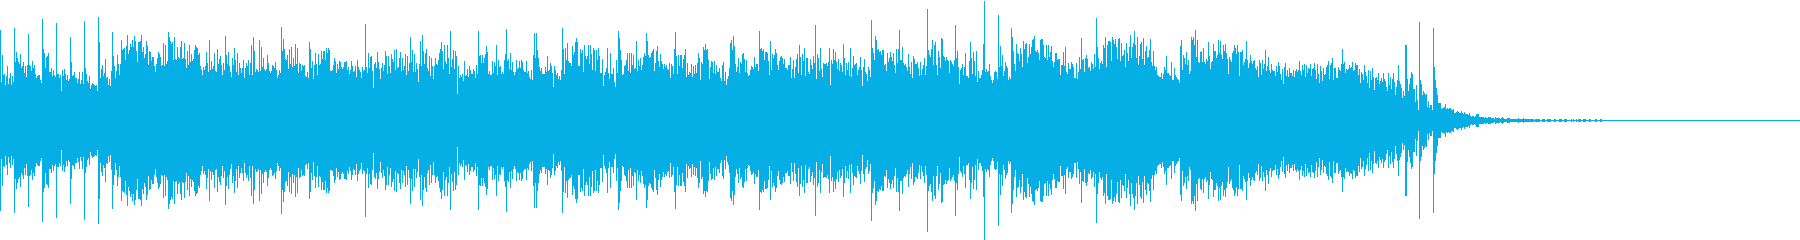 ロックなジングル2 漫才の出囃子 退場にの再生済みの波形